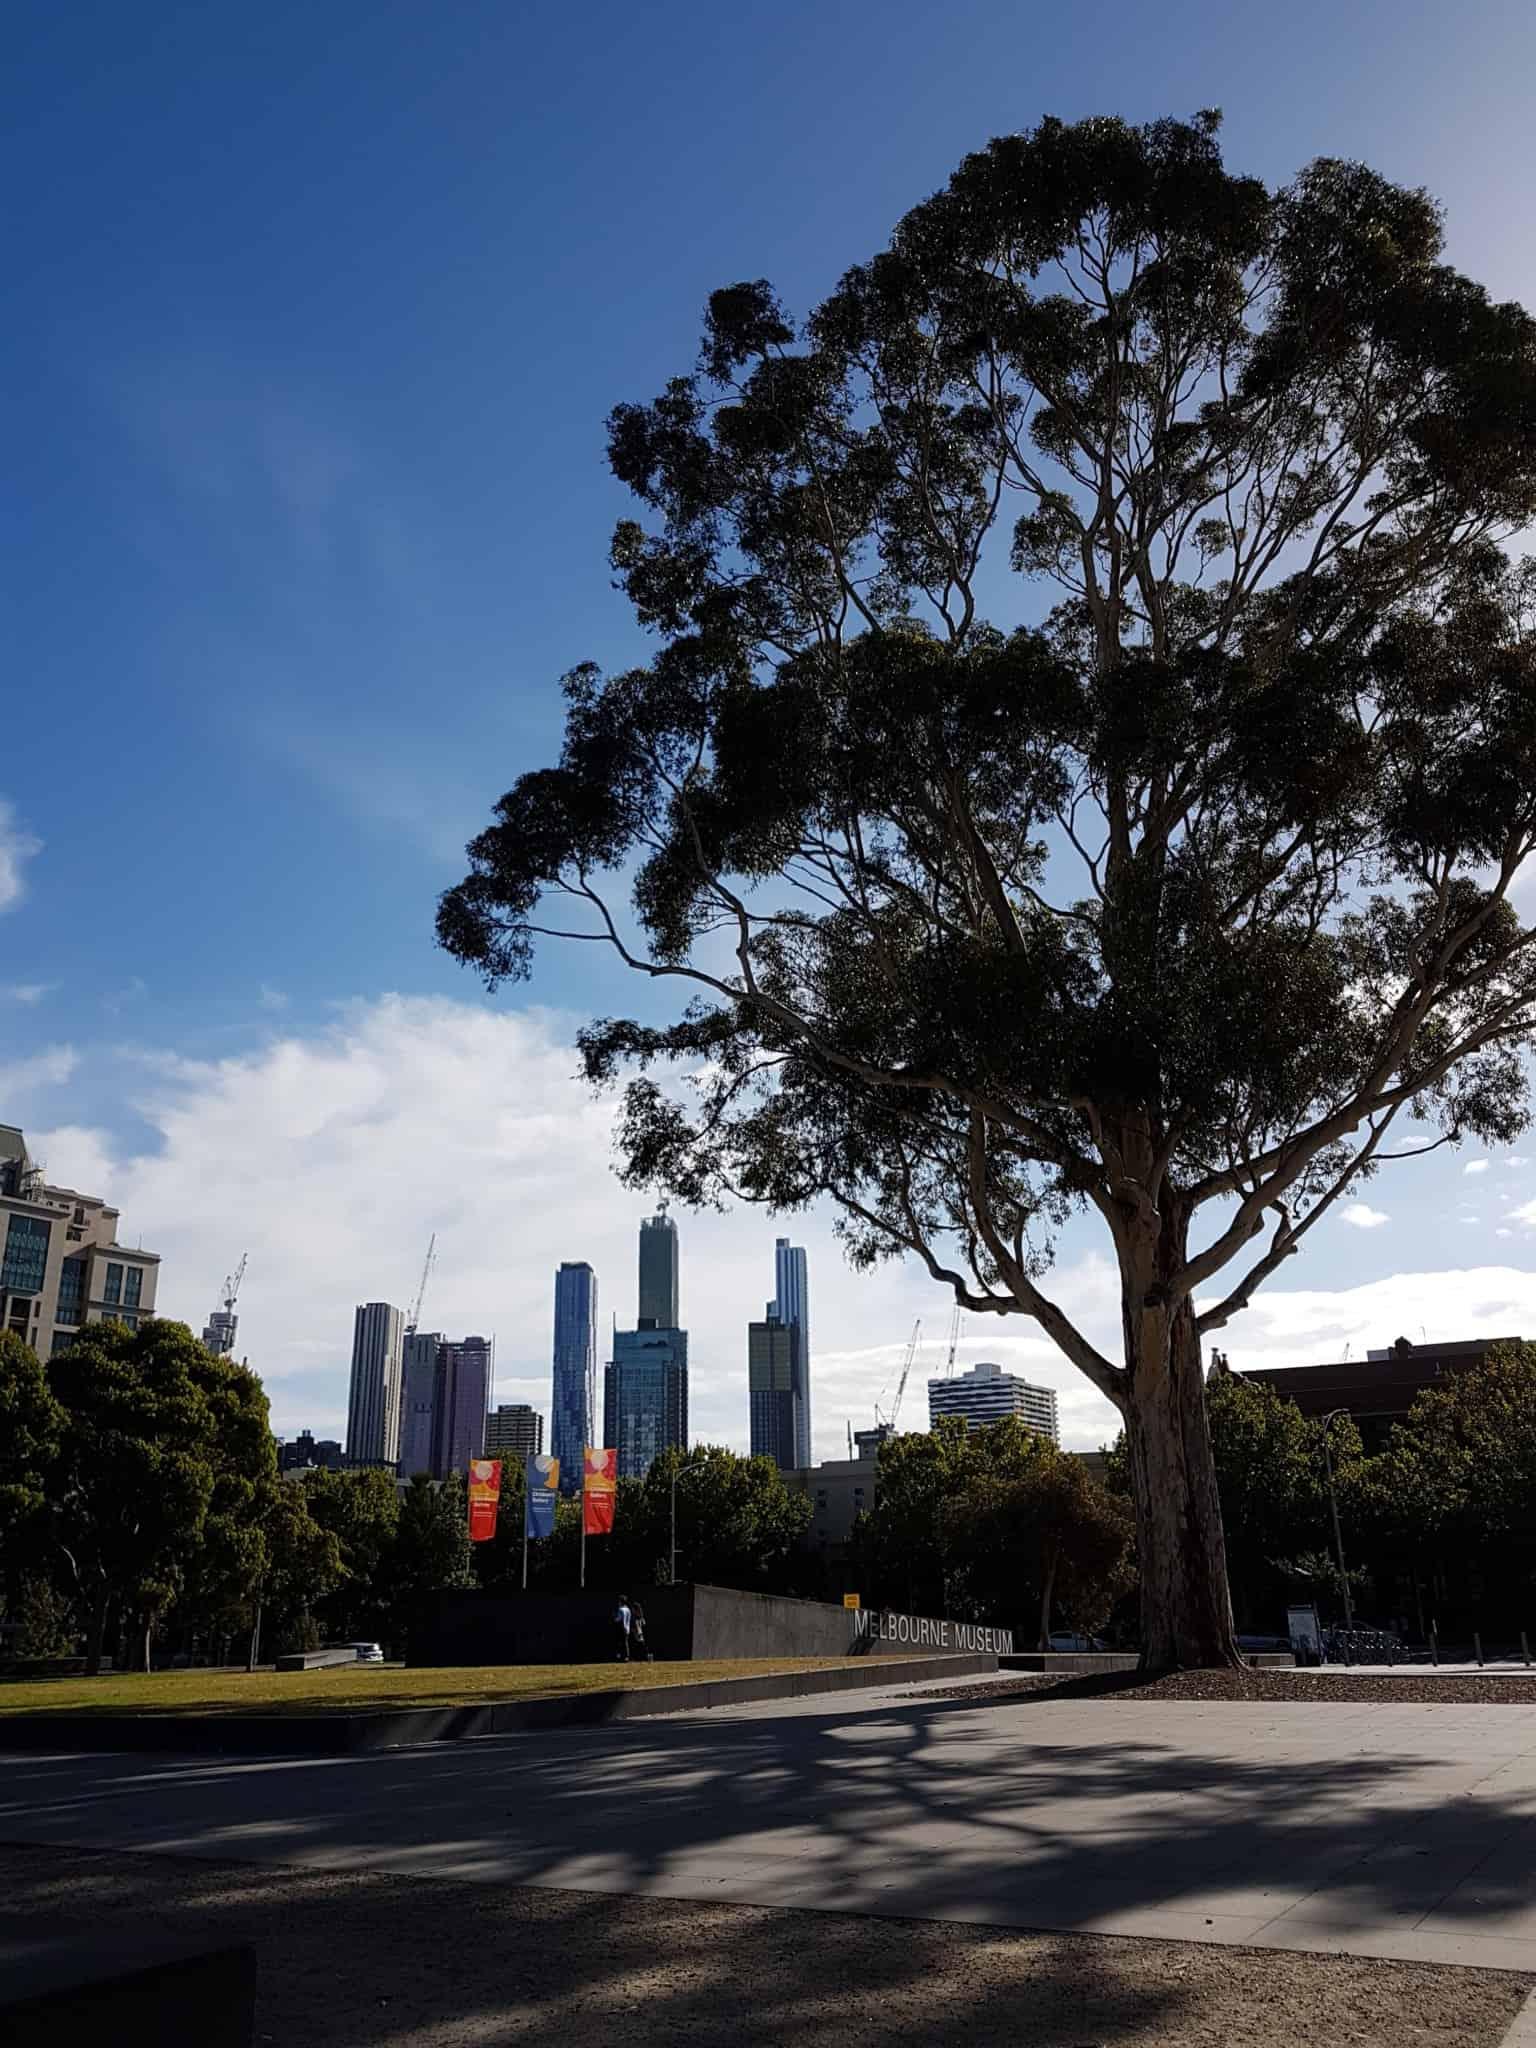 Australie, trois jours à découvrir Melbourne 👣 8